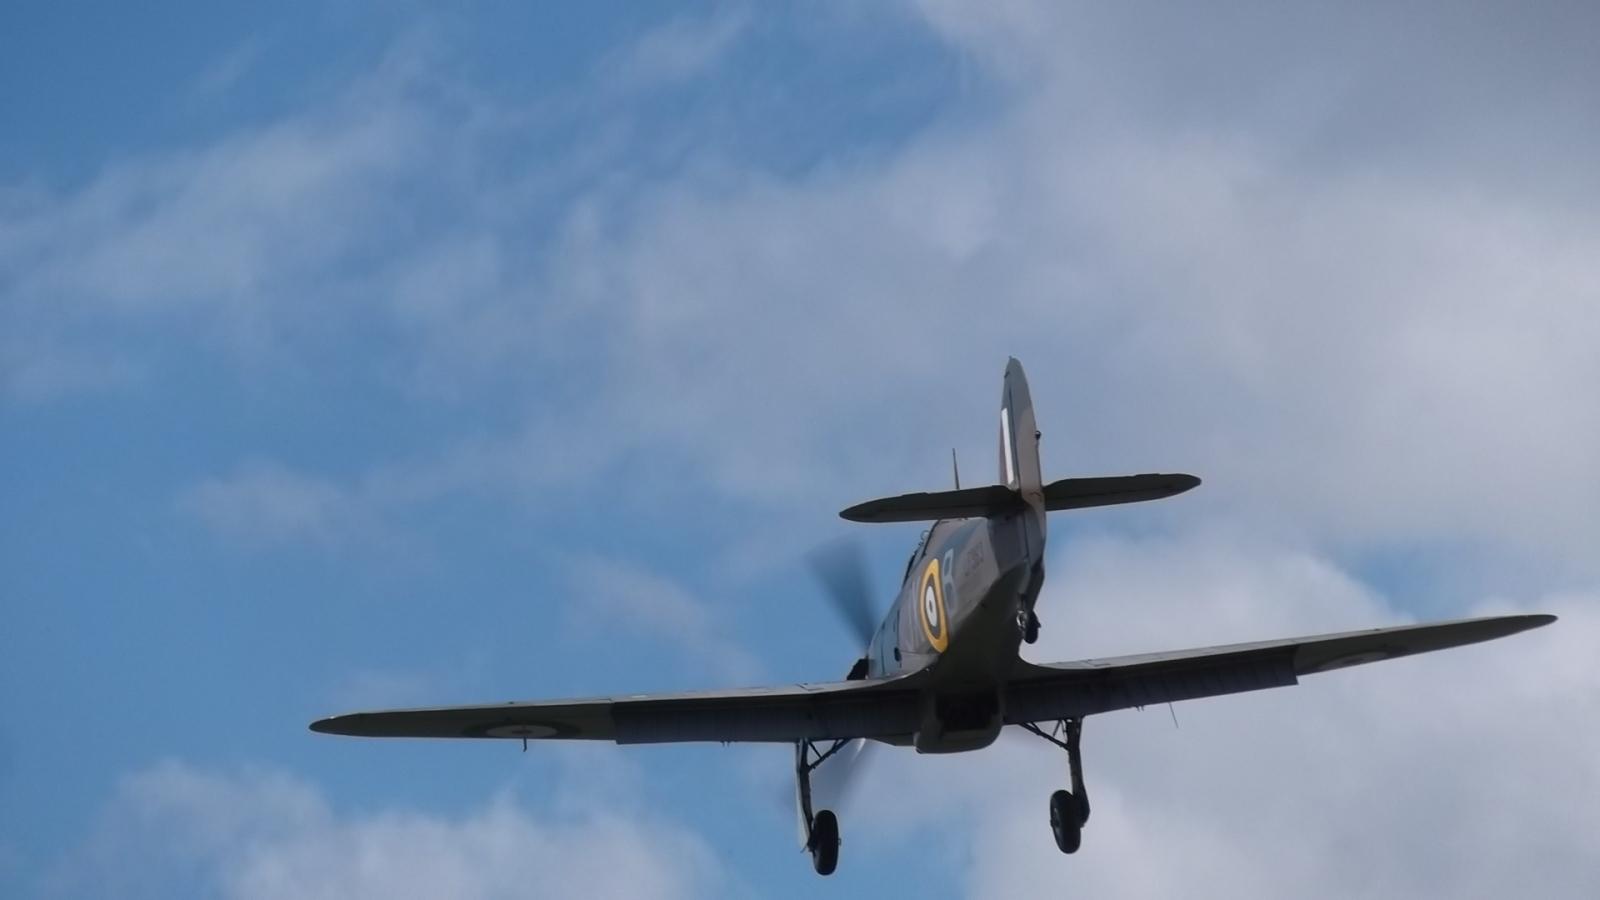 Hurricane IIC LF363 Landing at Goodwood